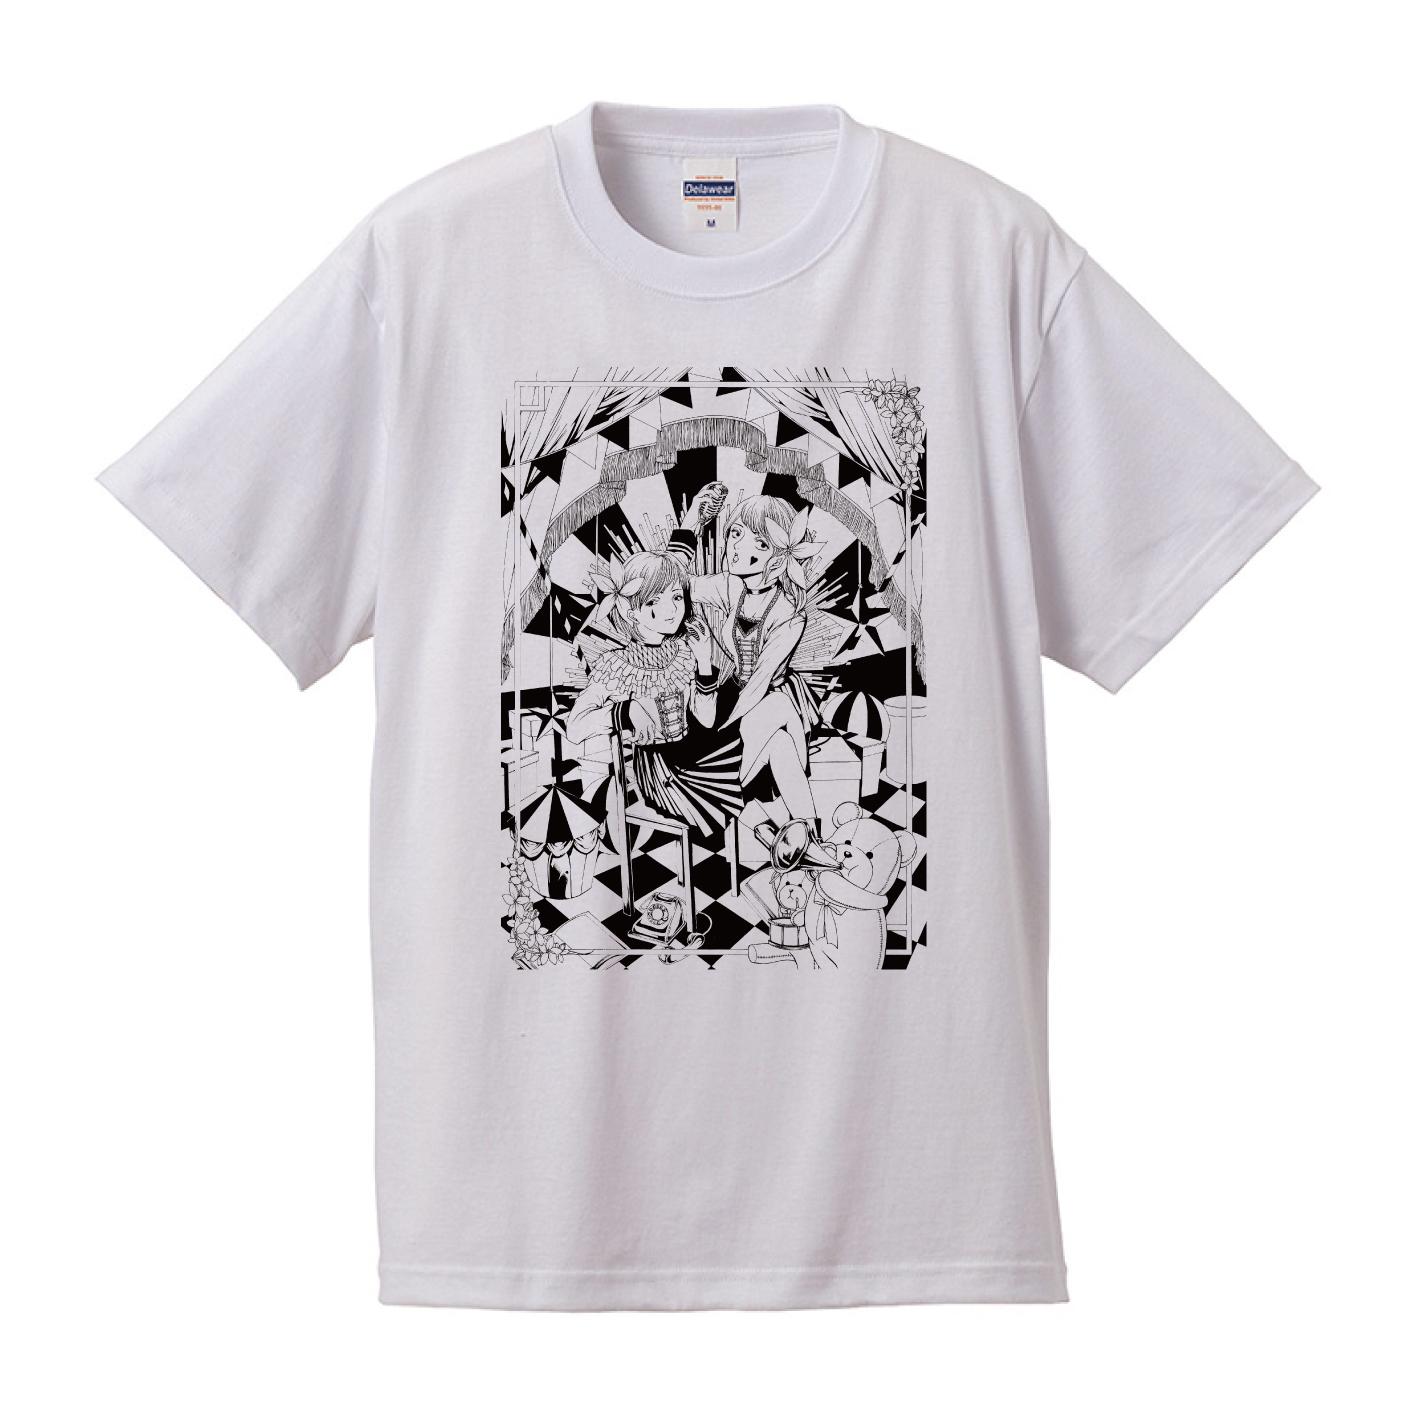 3/5チケット購入特典「アスカ(アスカトタケシ)デザイン限定Tシャツ」